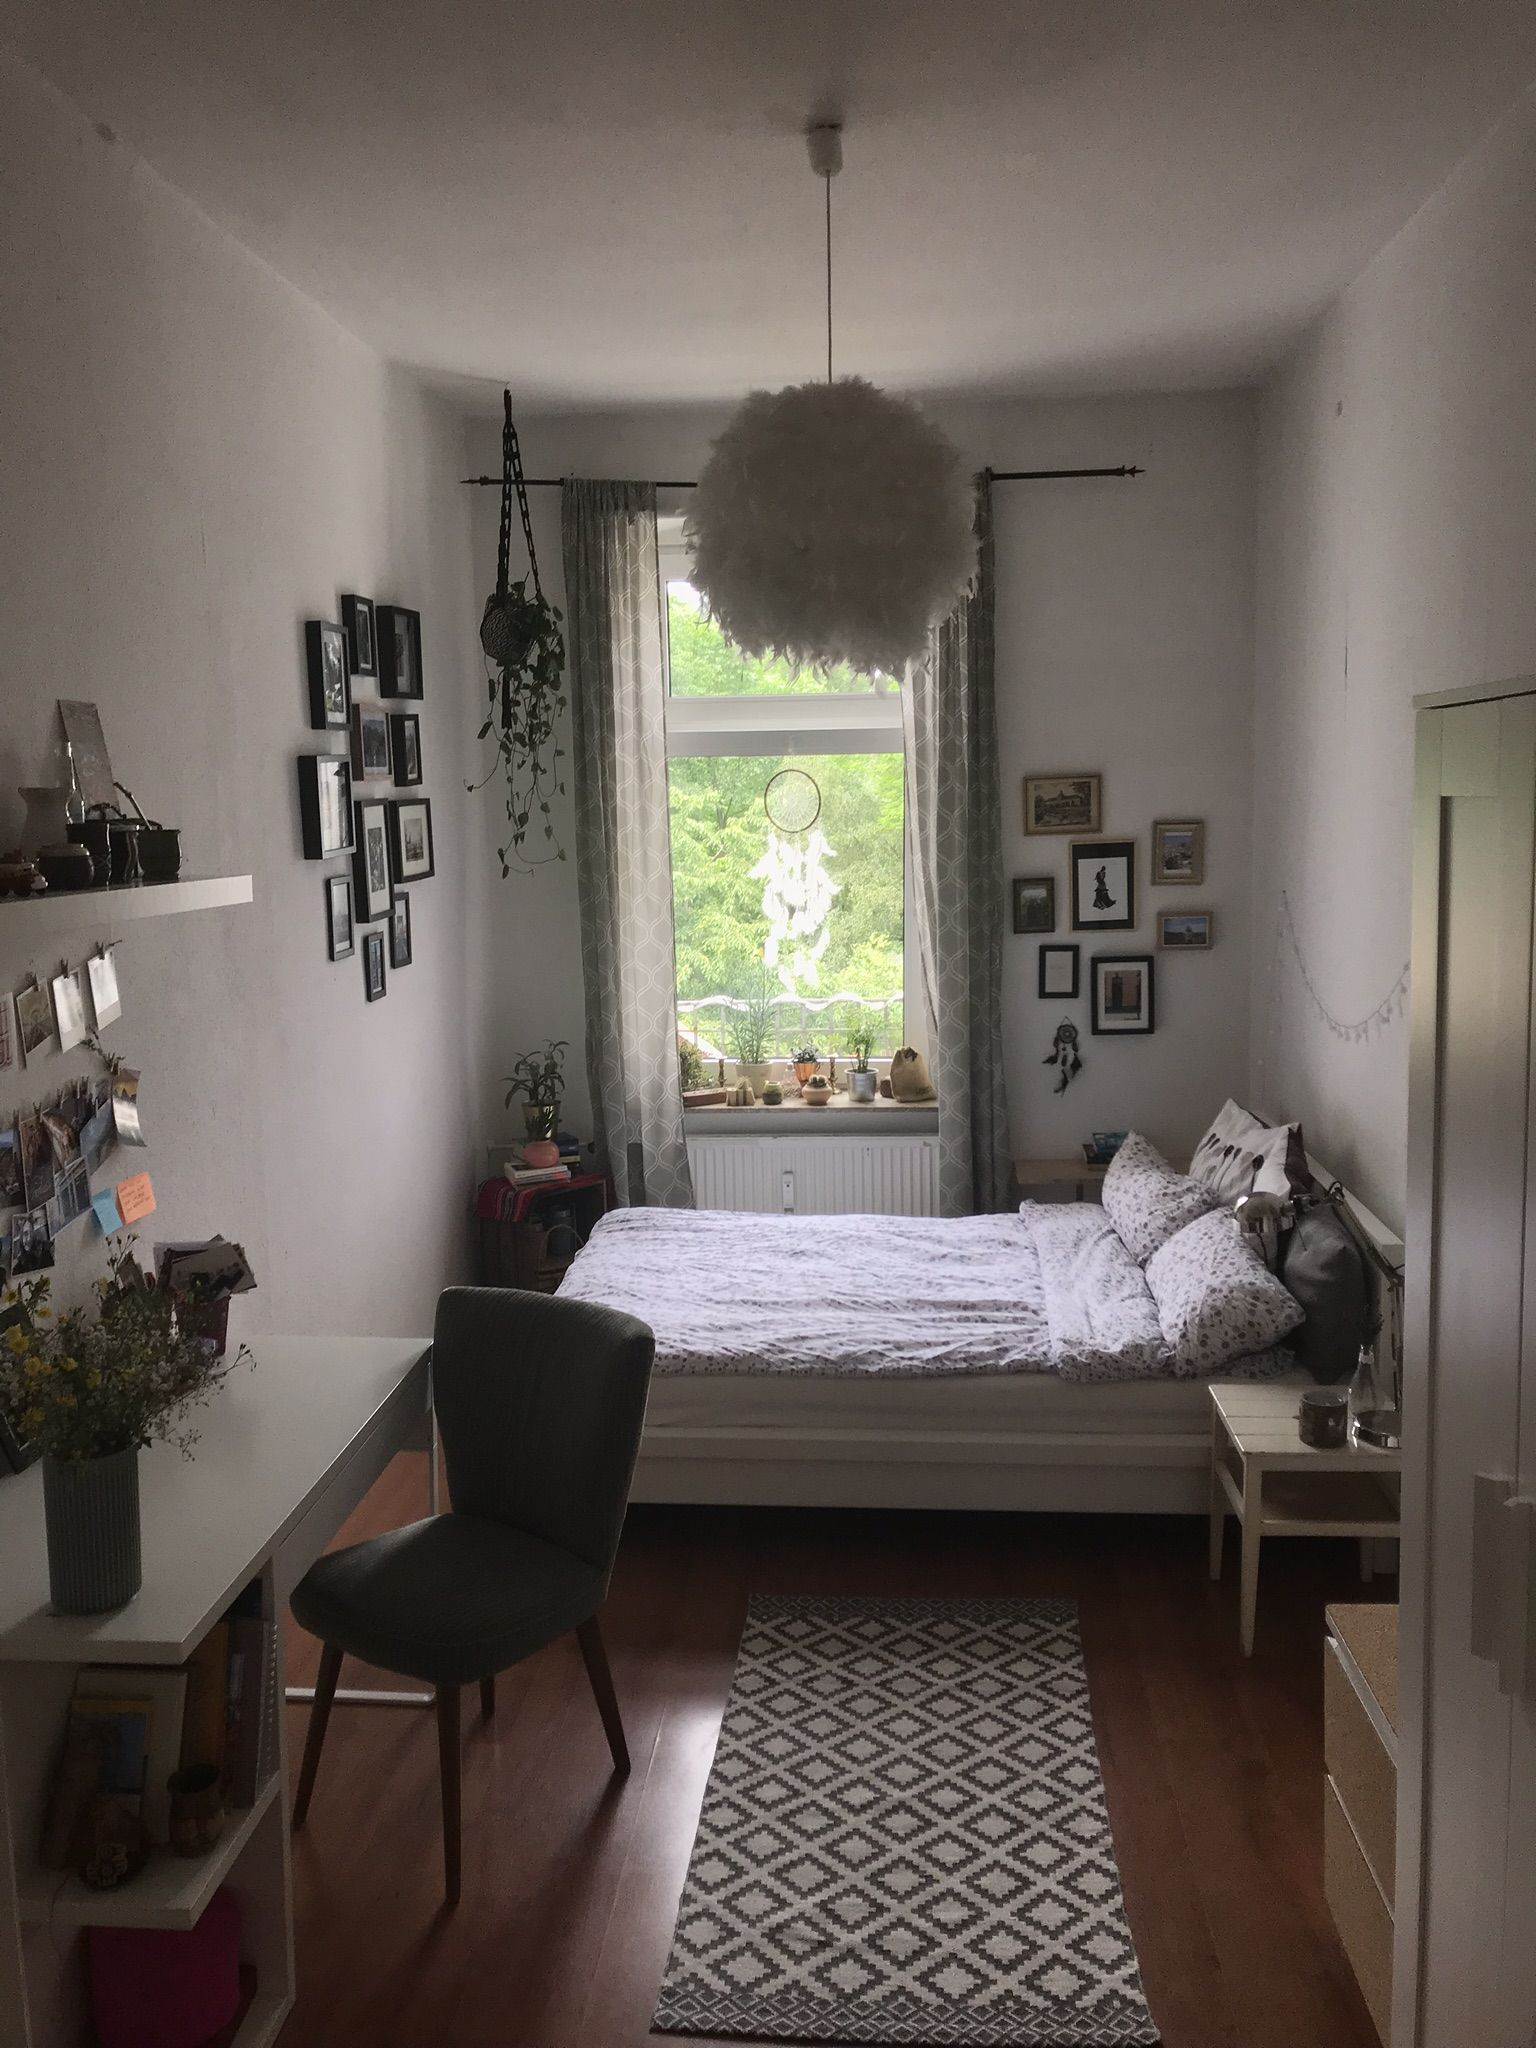 Kleines Aber Feines Zimmer Wg Zimmer Einrichten Ideen Zimmer Einrichten Jugendzimmer Kleine Wohnung Schlafzimmer